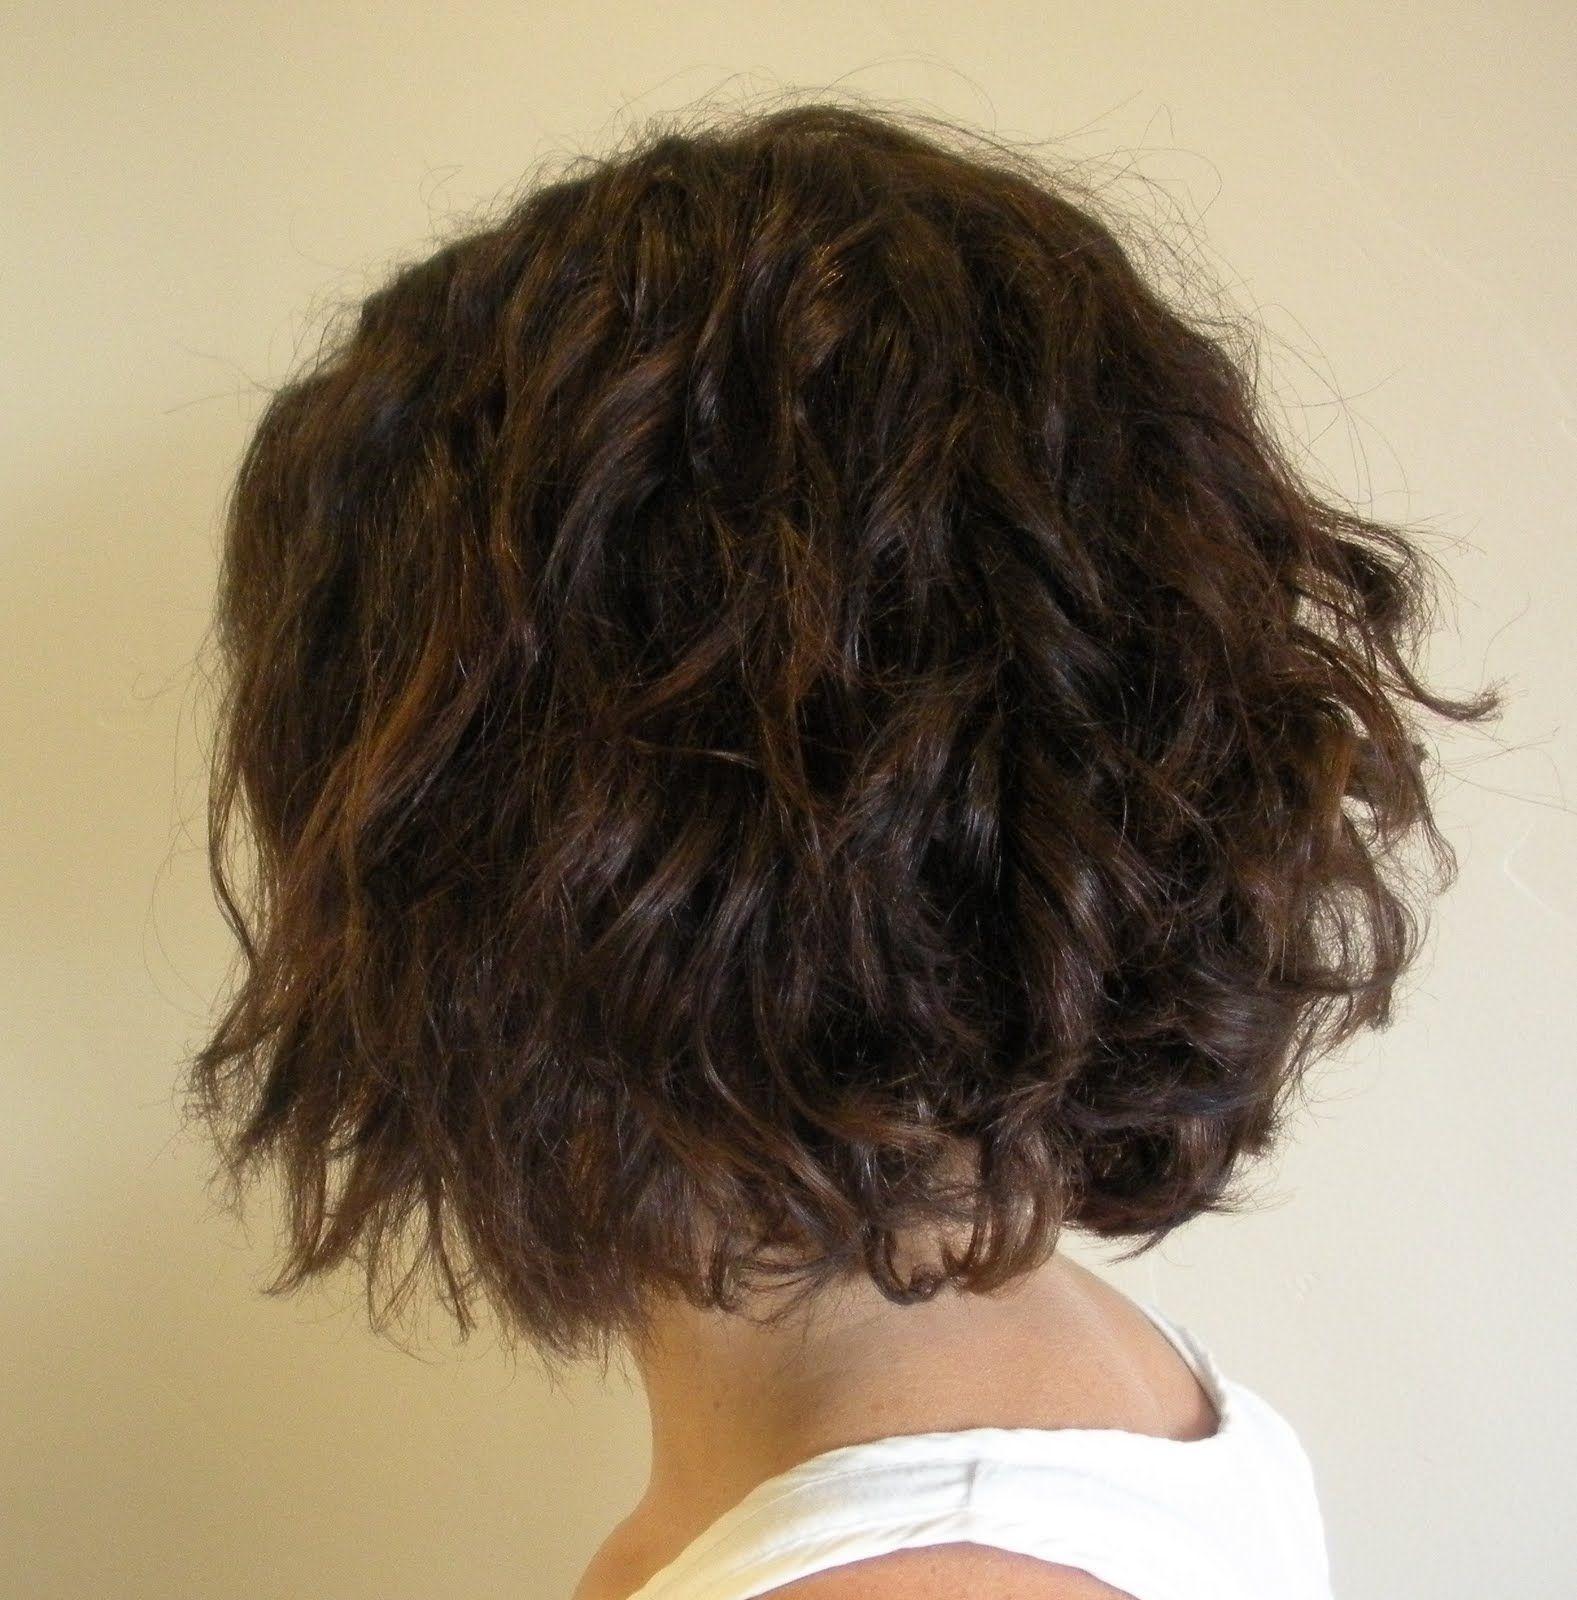 Beach wave perm hair styles pinterest hair wave perm and